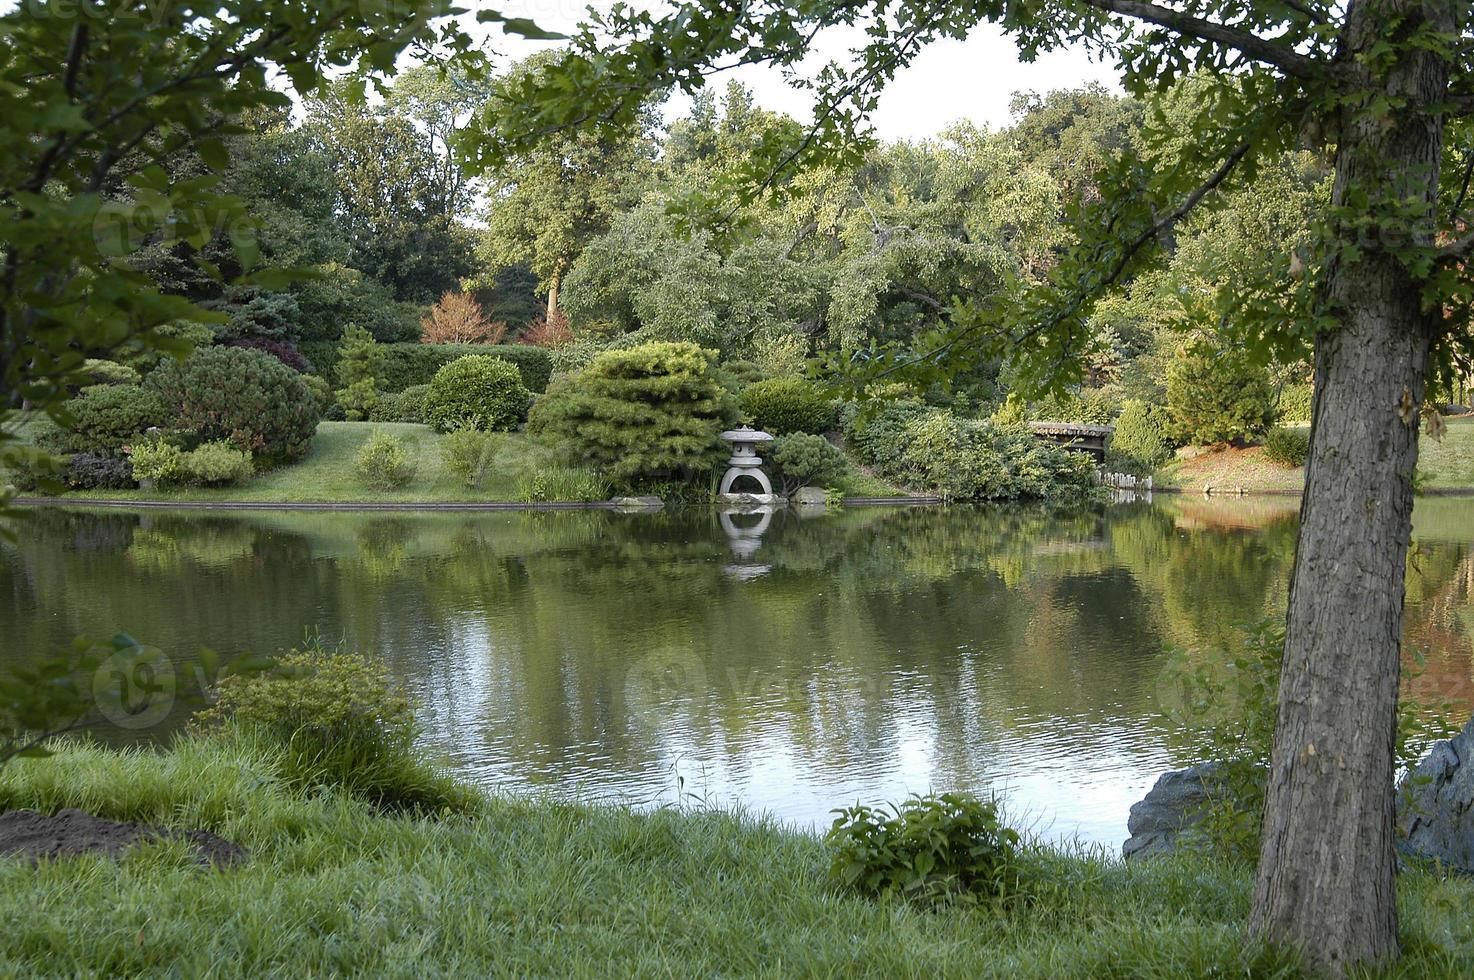 vista panoramica del giardino giapponese lago no0531 foto